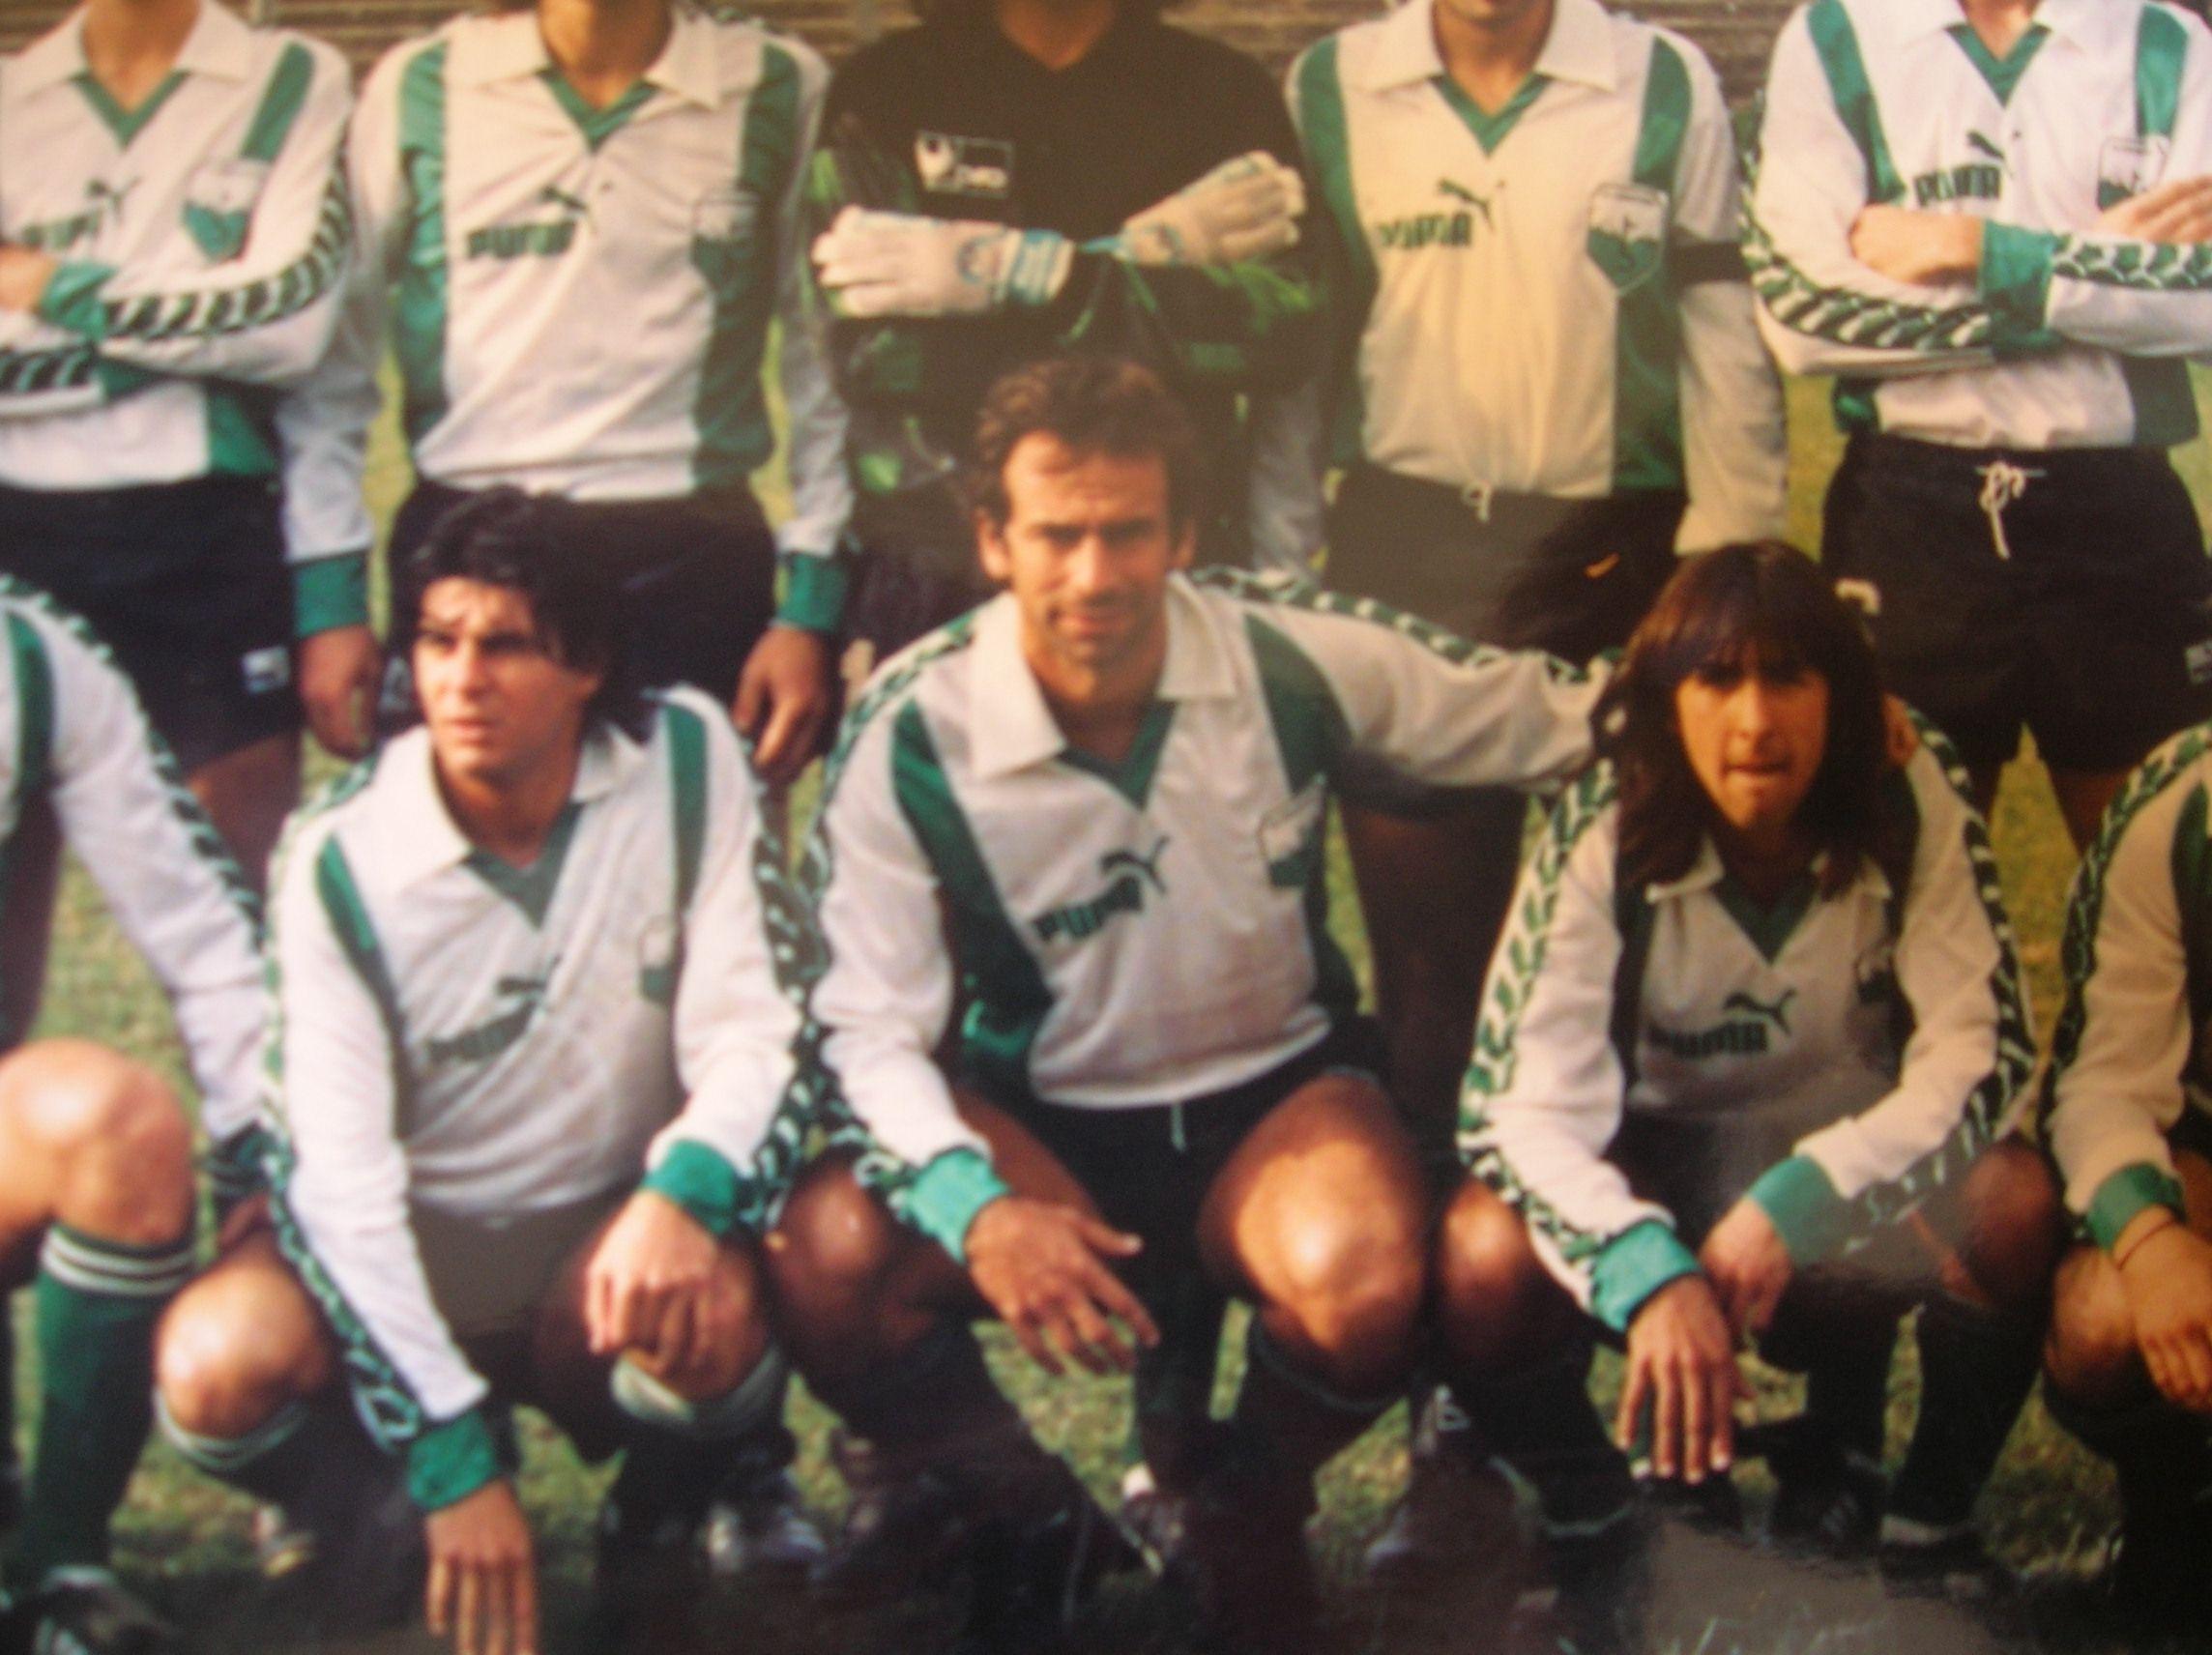 Deportivo Armenio 1988/89. La última temporada del club en la máxima divisional. Mazariche fue titular en aquel equipo. Jugó 16 partidos y le convirtió un gol a Racing en el Cilindro